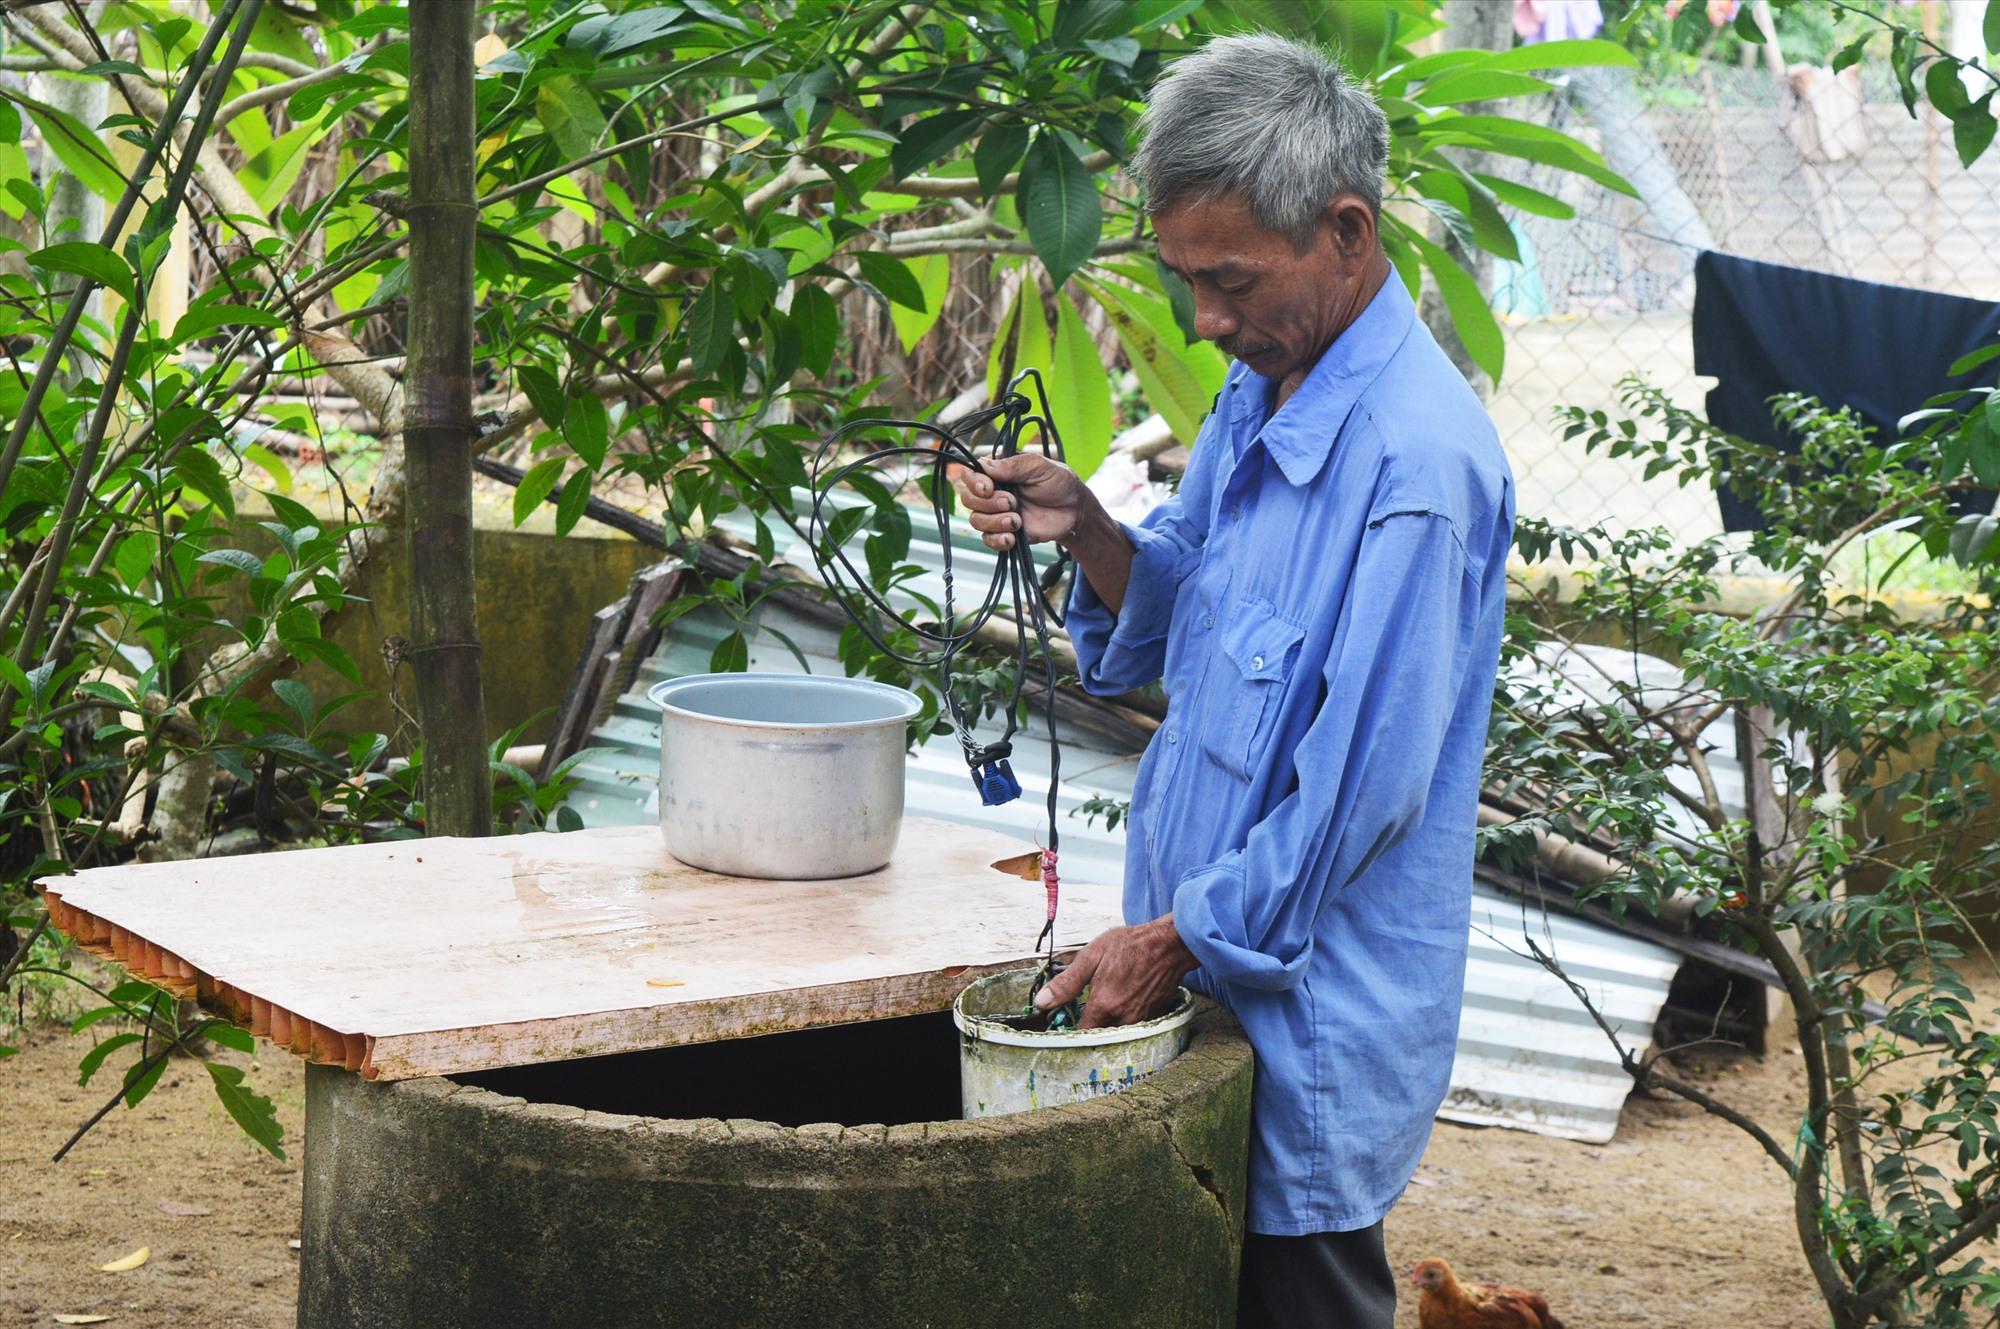 Ở một số khu vực, người dân buộc phải dùng nước giếng để sinh hoạt vì thiếu nước sạch. Ảnh: Q.T